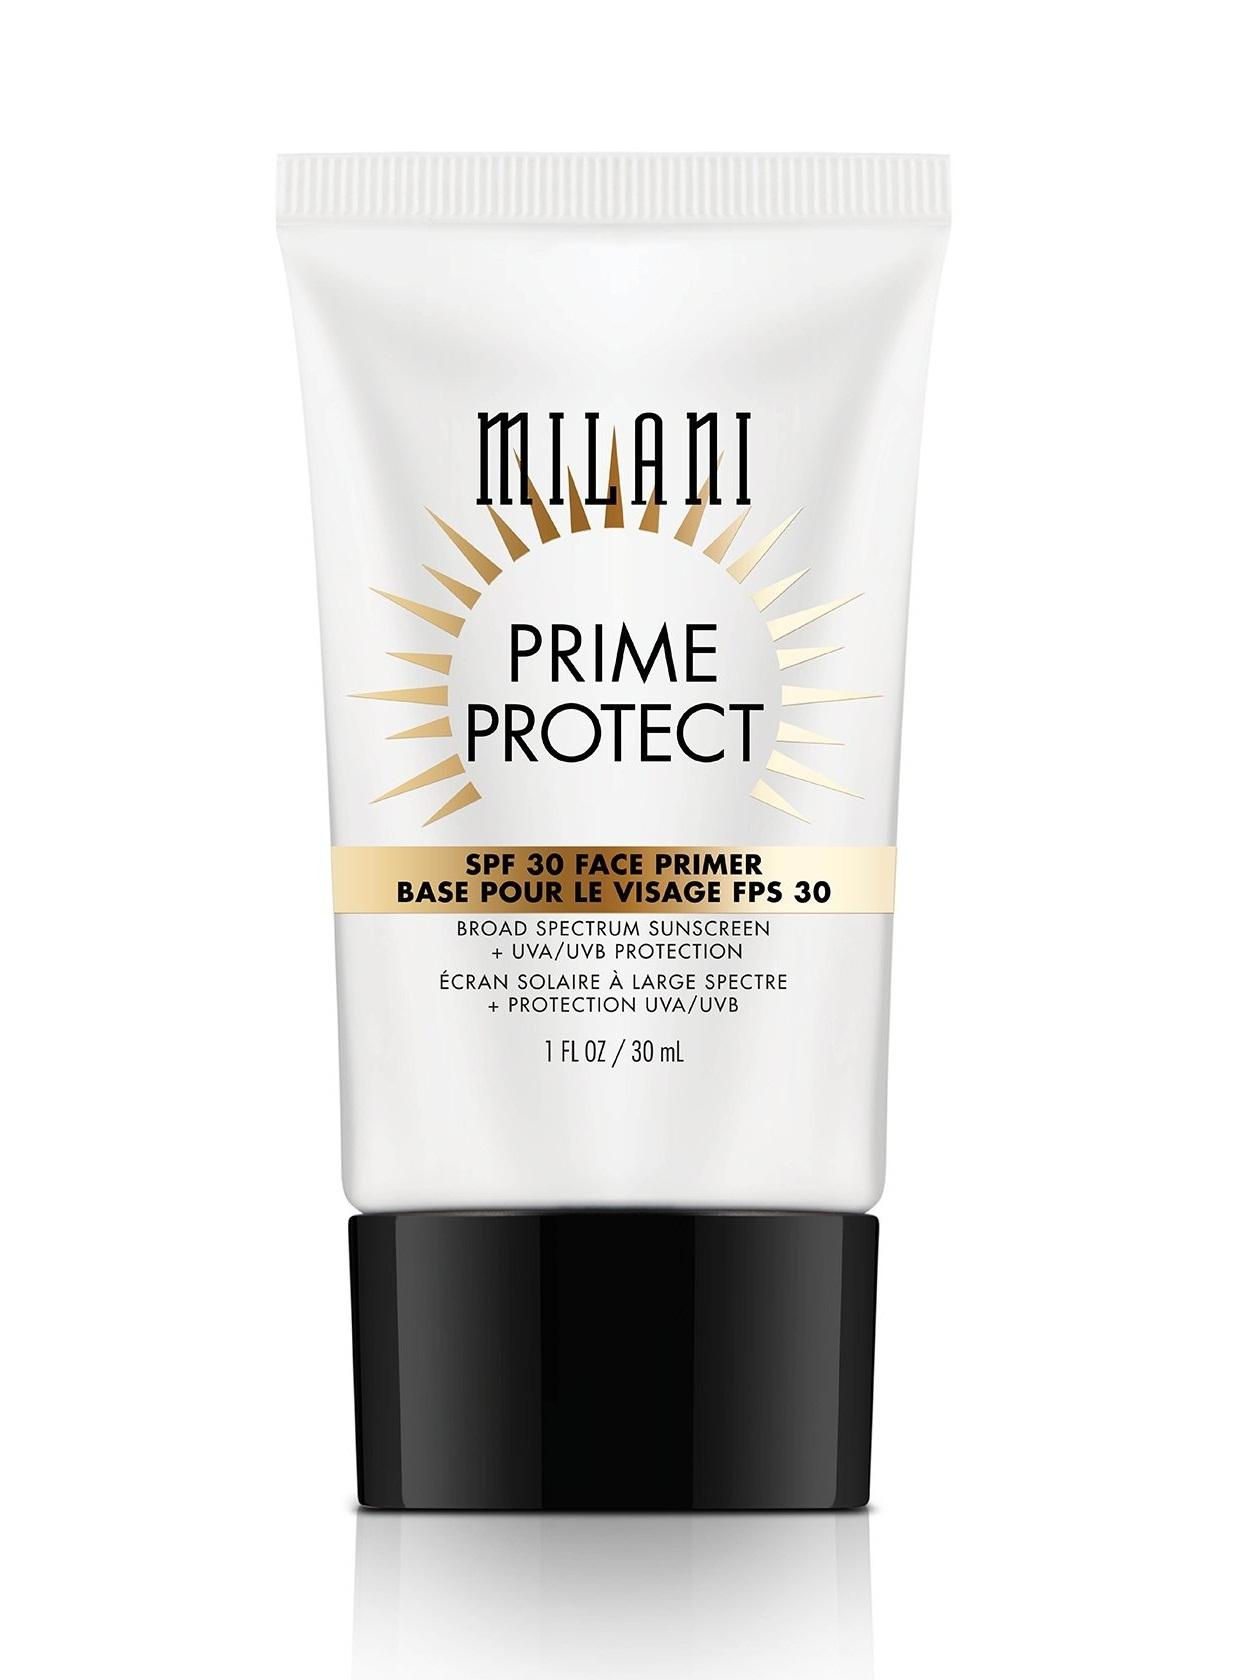 Milani PRIME PROTECT SPF 30 FACE PRIMER.jpg